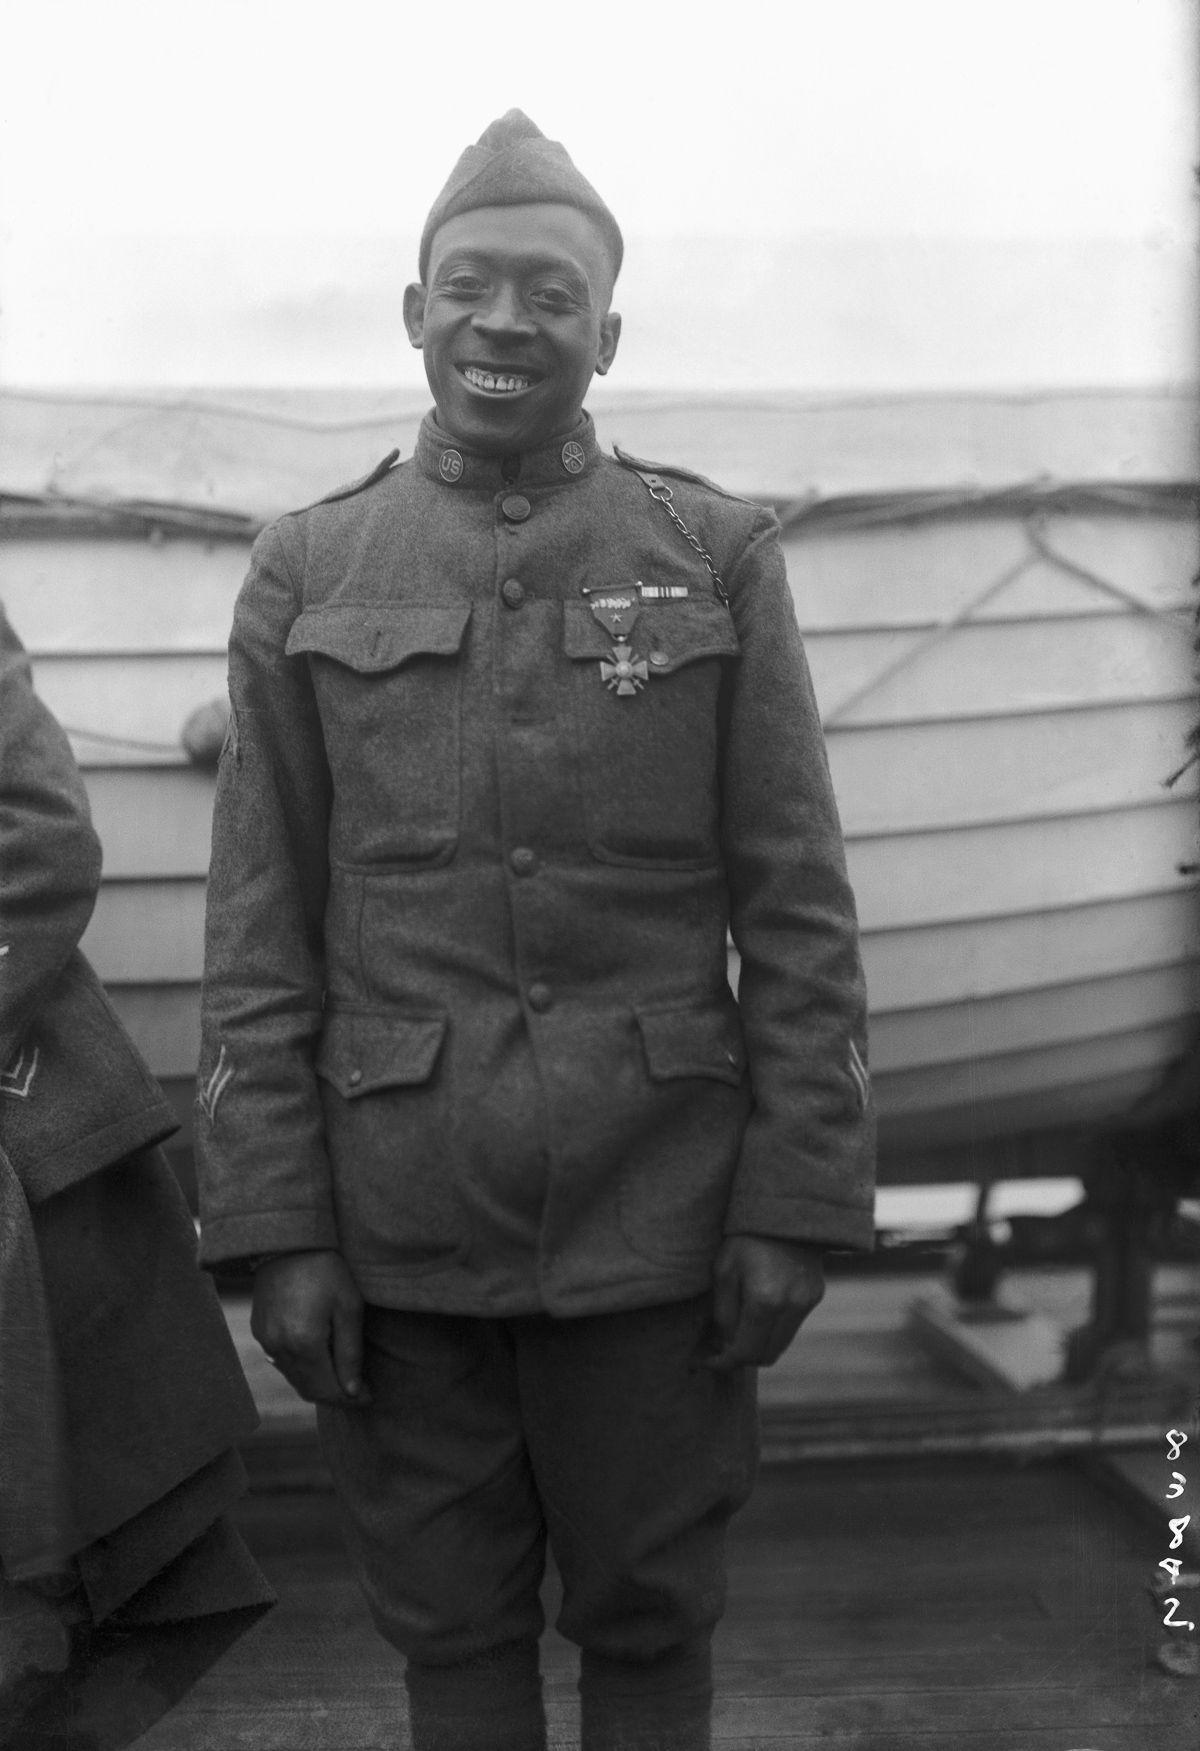 O regimento todo formado por negros na primeira guerra conhecido pela bravura apesar do preconceito 11